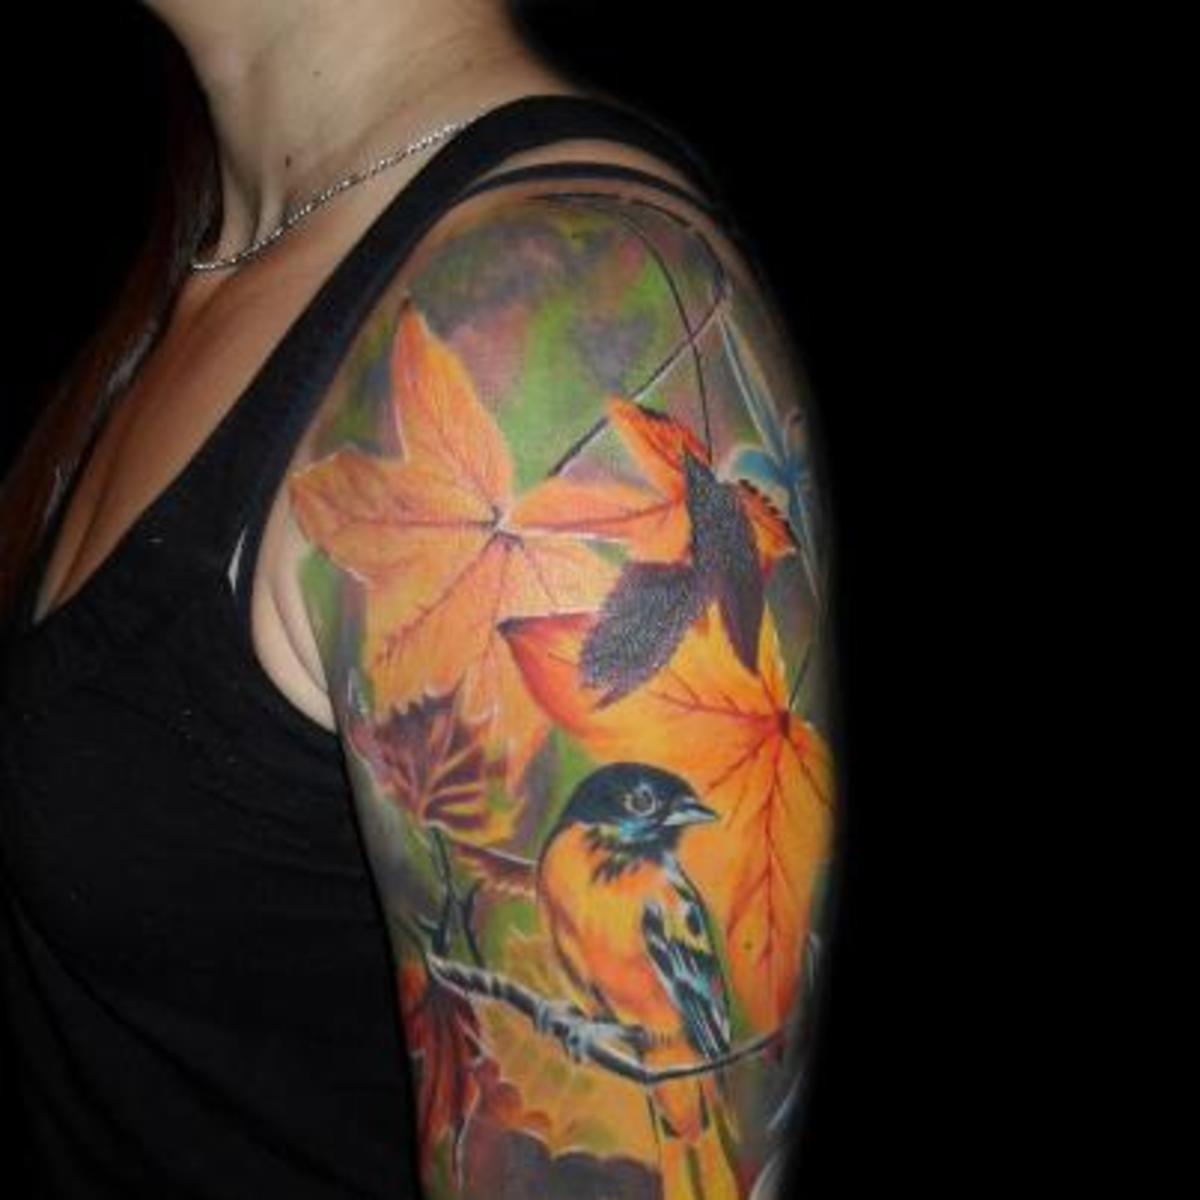 Leaves on the shoulder.